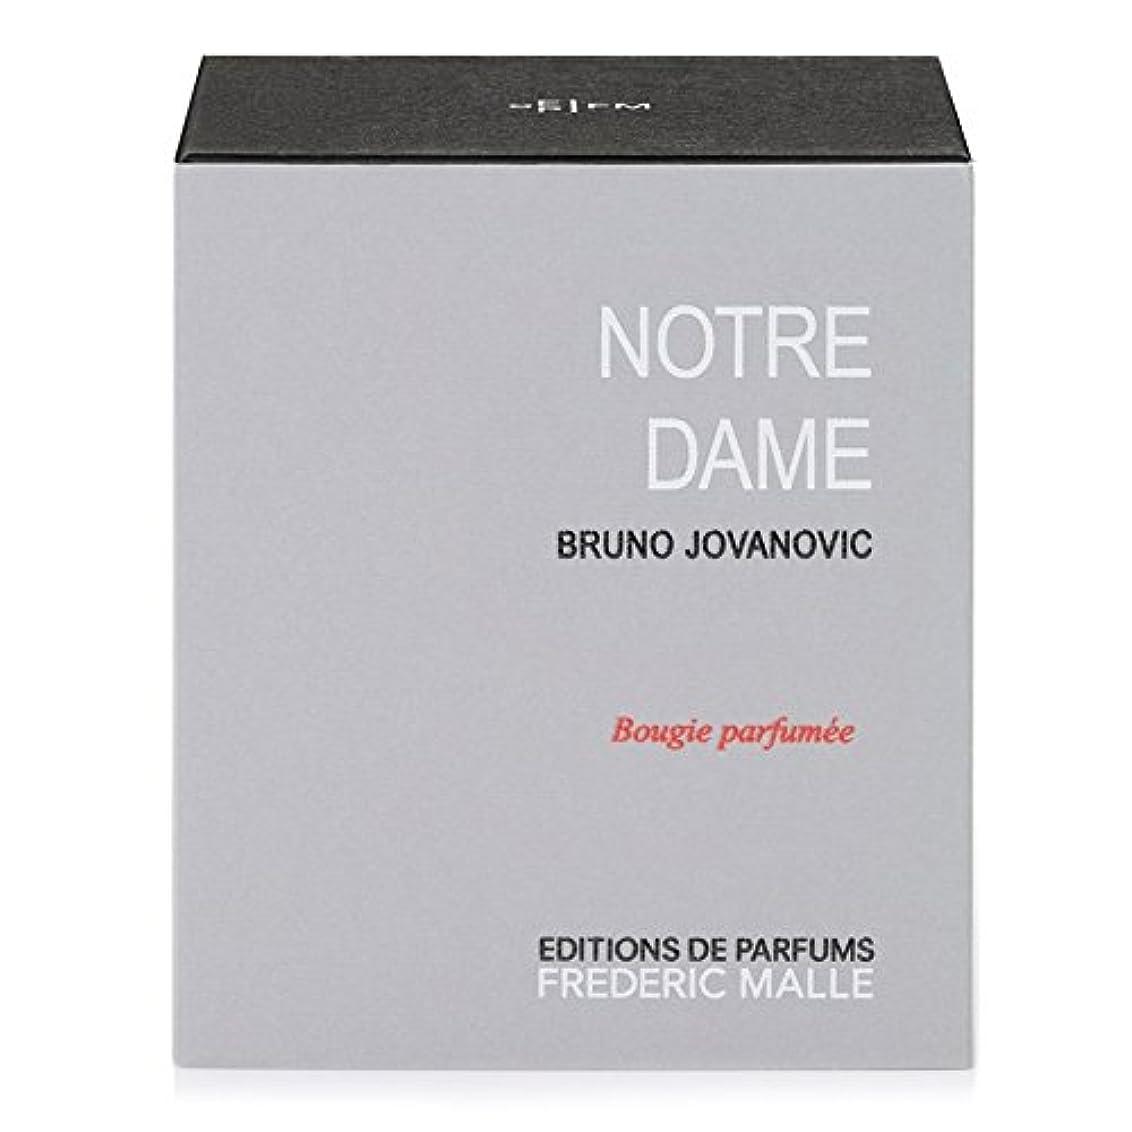 支出ジャグリング大脳Frederic Malle Notre Dame Scented Candle 220g (Pack of 4) - フレデリック?マルノートルダム香りのキャンドル220グラム x4 [並行輸入品]